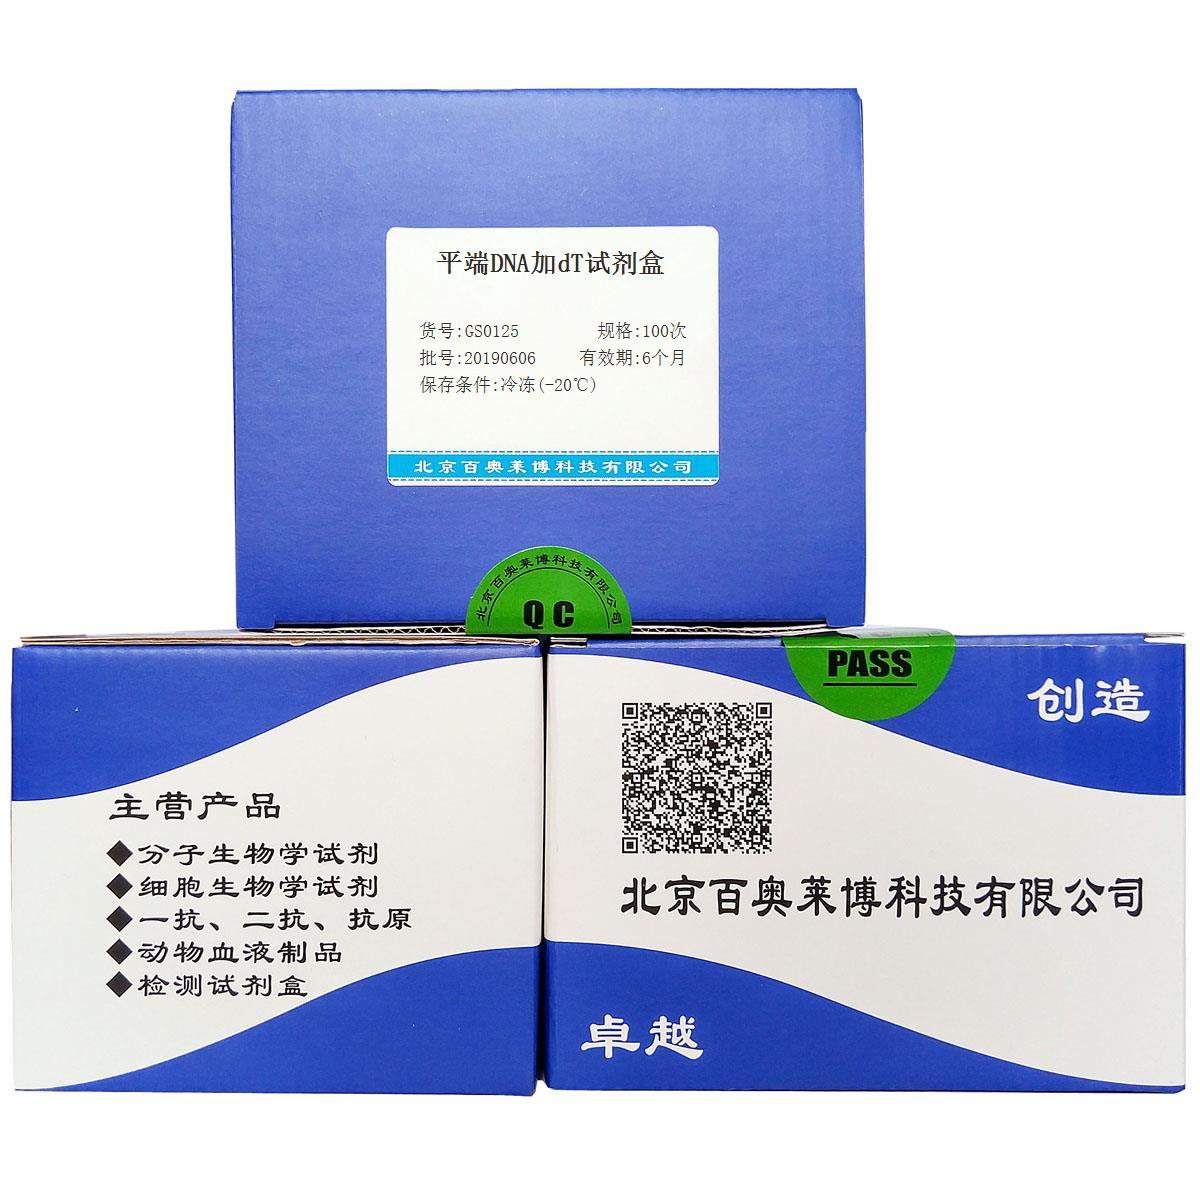 平端DNA加dT试剂盒现货供应